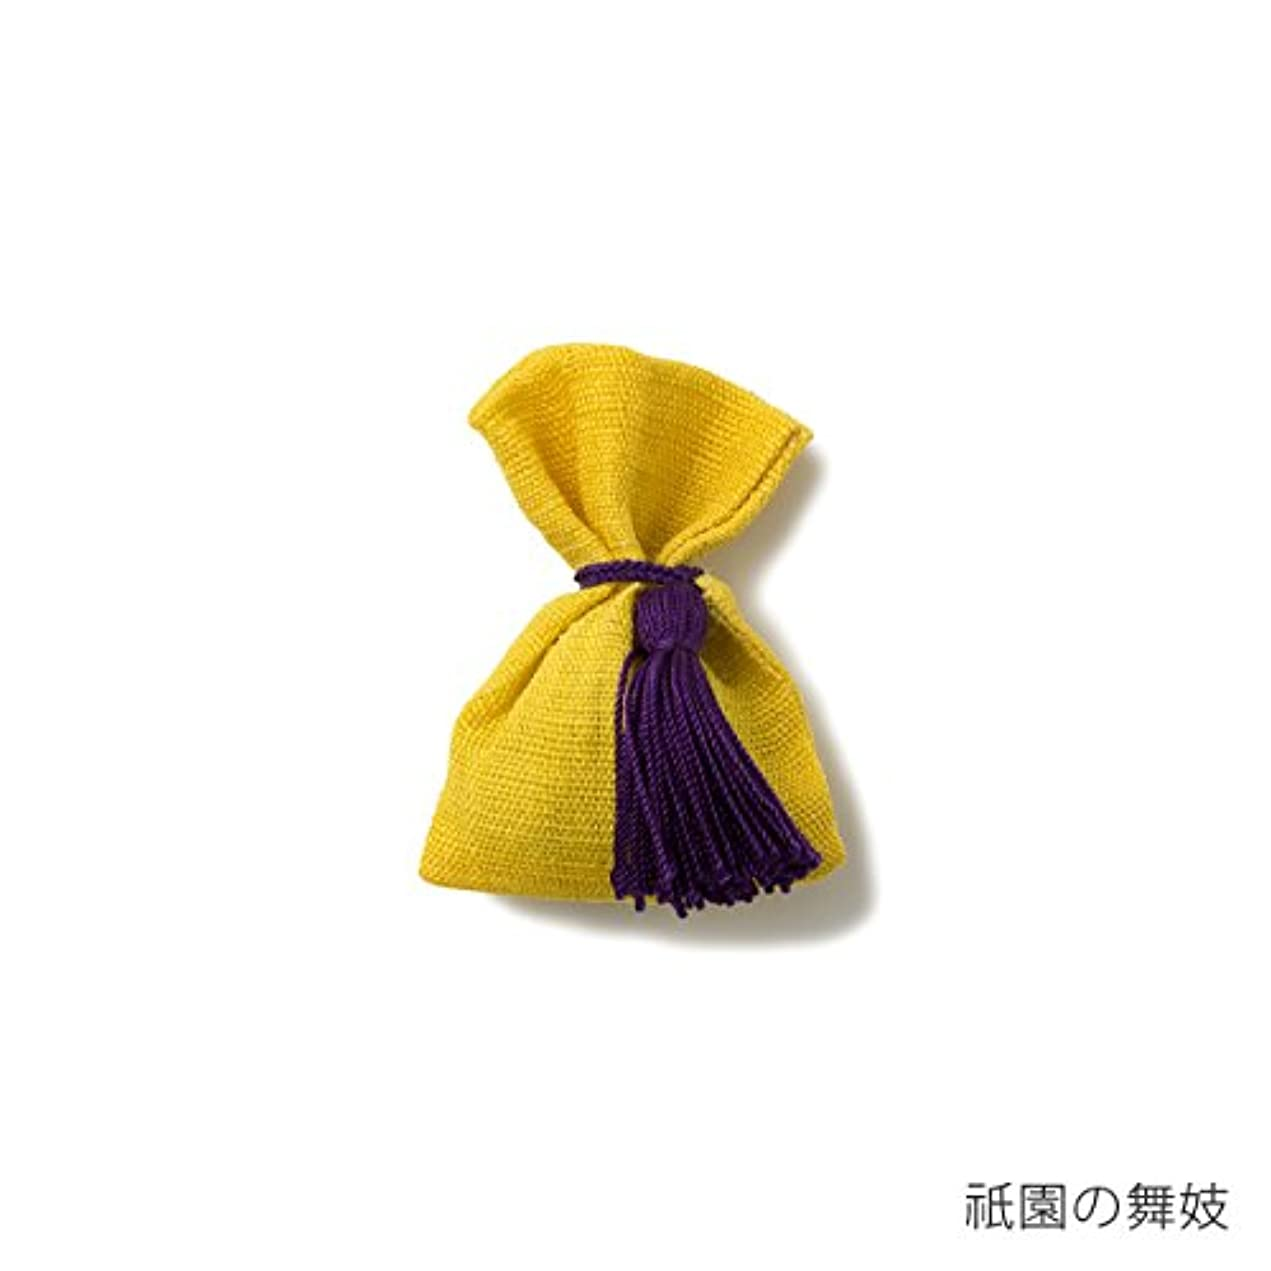 はいチャンバーファッション【薫玉堂】 京の香り 香袋 祇園の舞妓